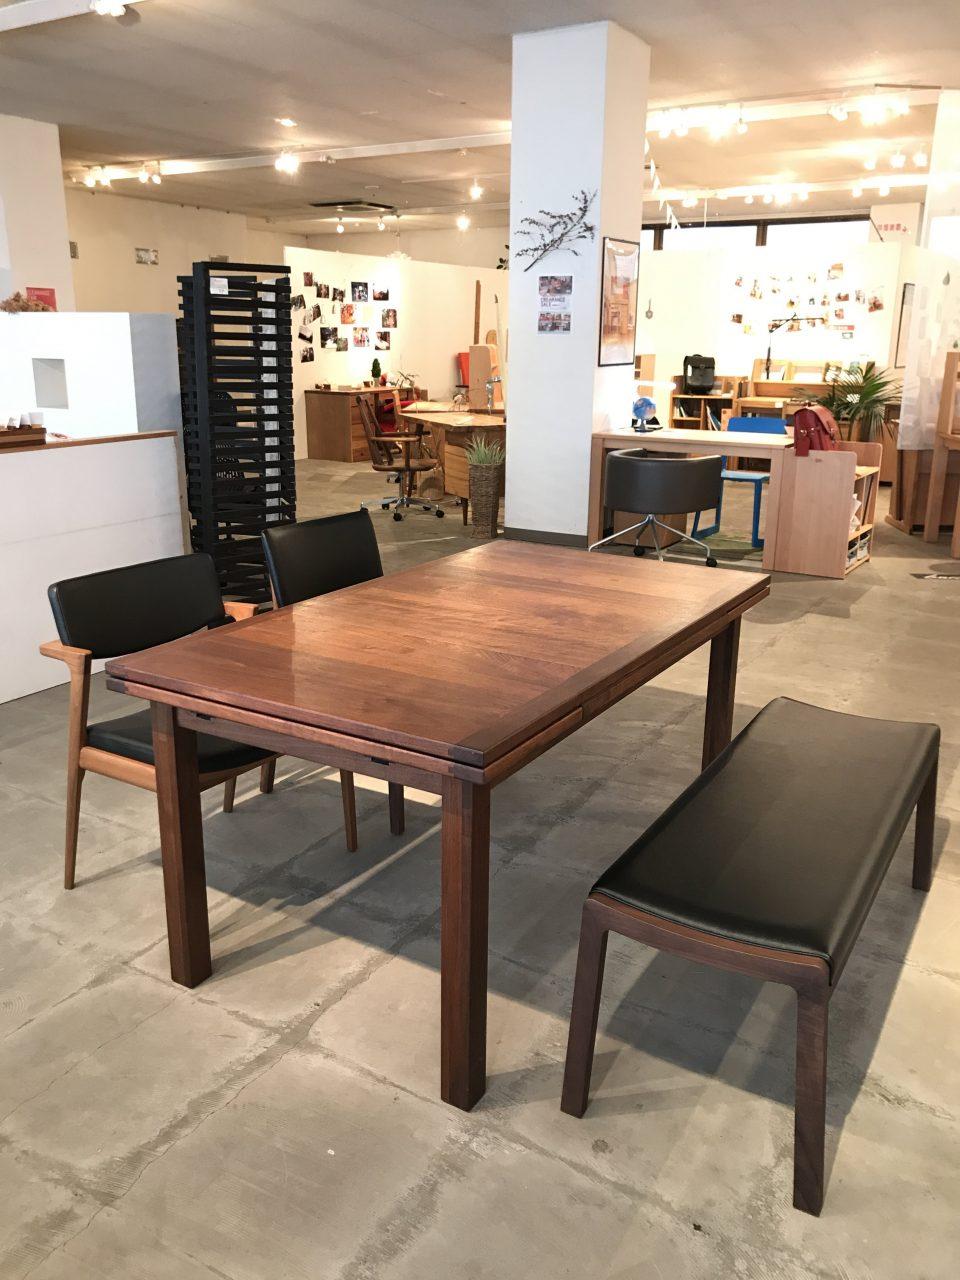 カッコいいウォールナット材の伸長式の四角いダイニングテーブルです